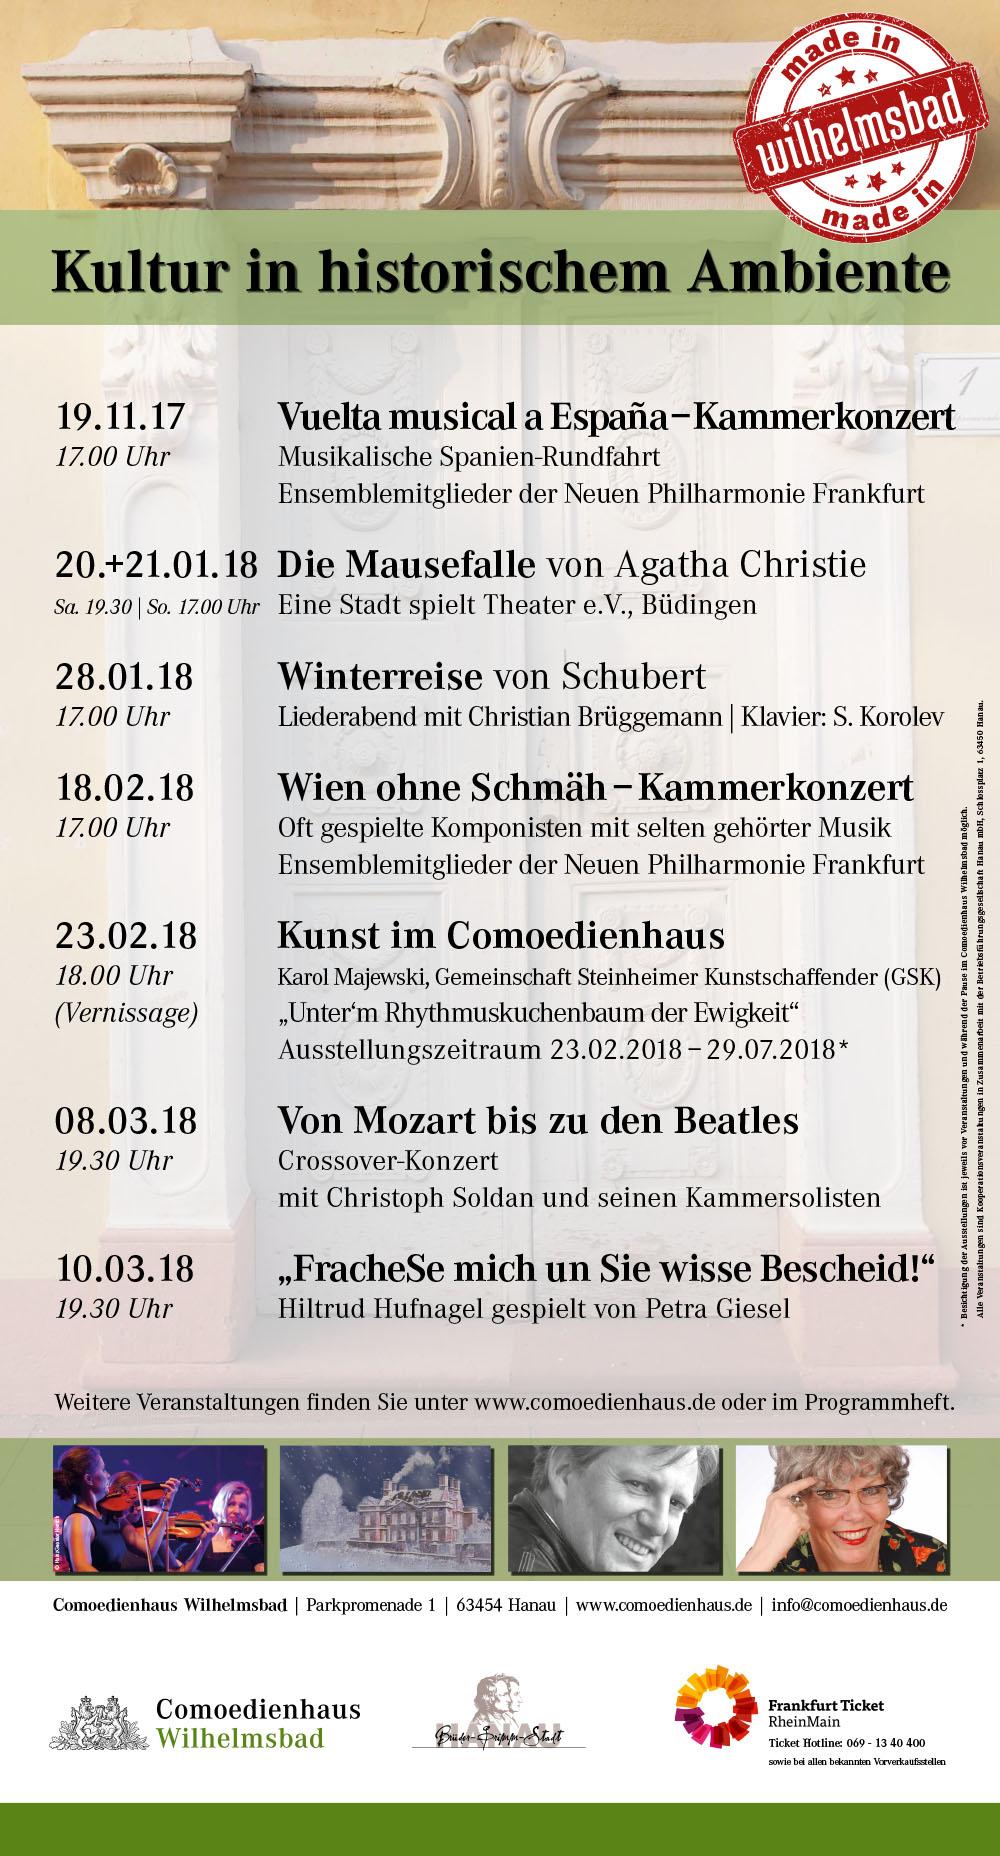 Made in Wilhelmsbad - die Eigenmarke für ausgewählte Veranstaltungen im Comoedienhaus Wilhelmsbad